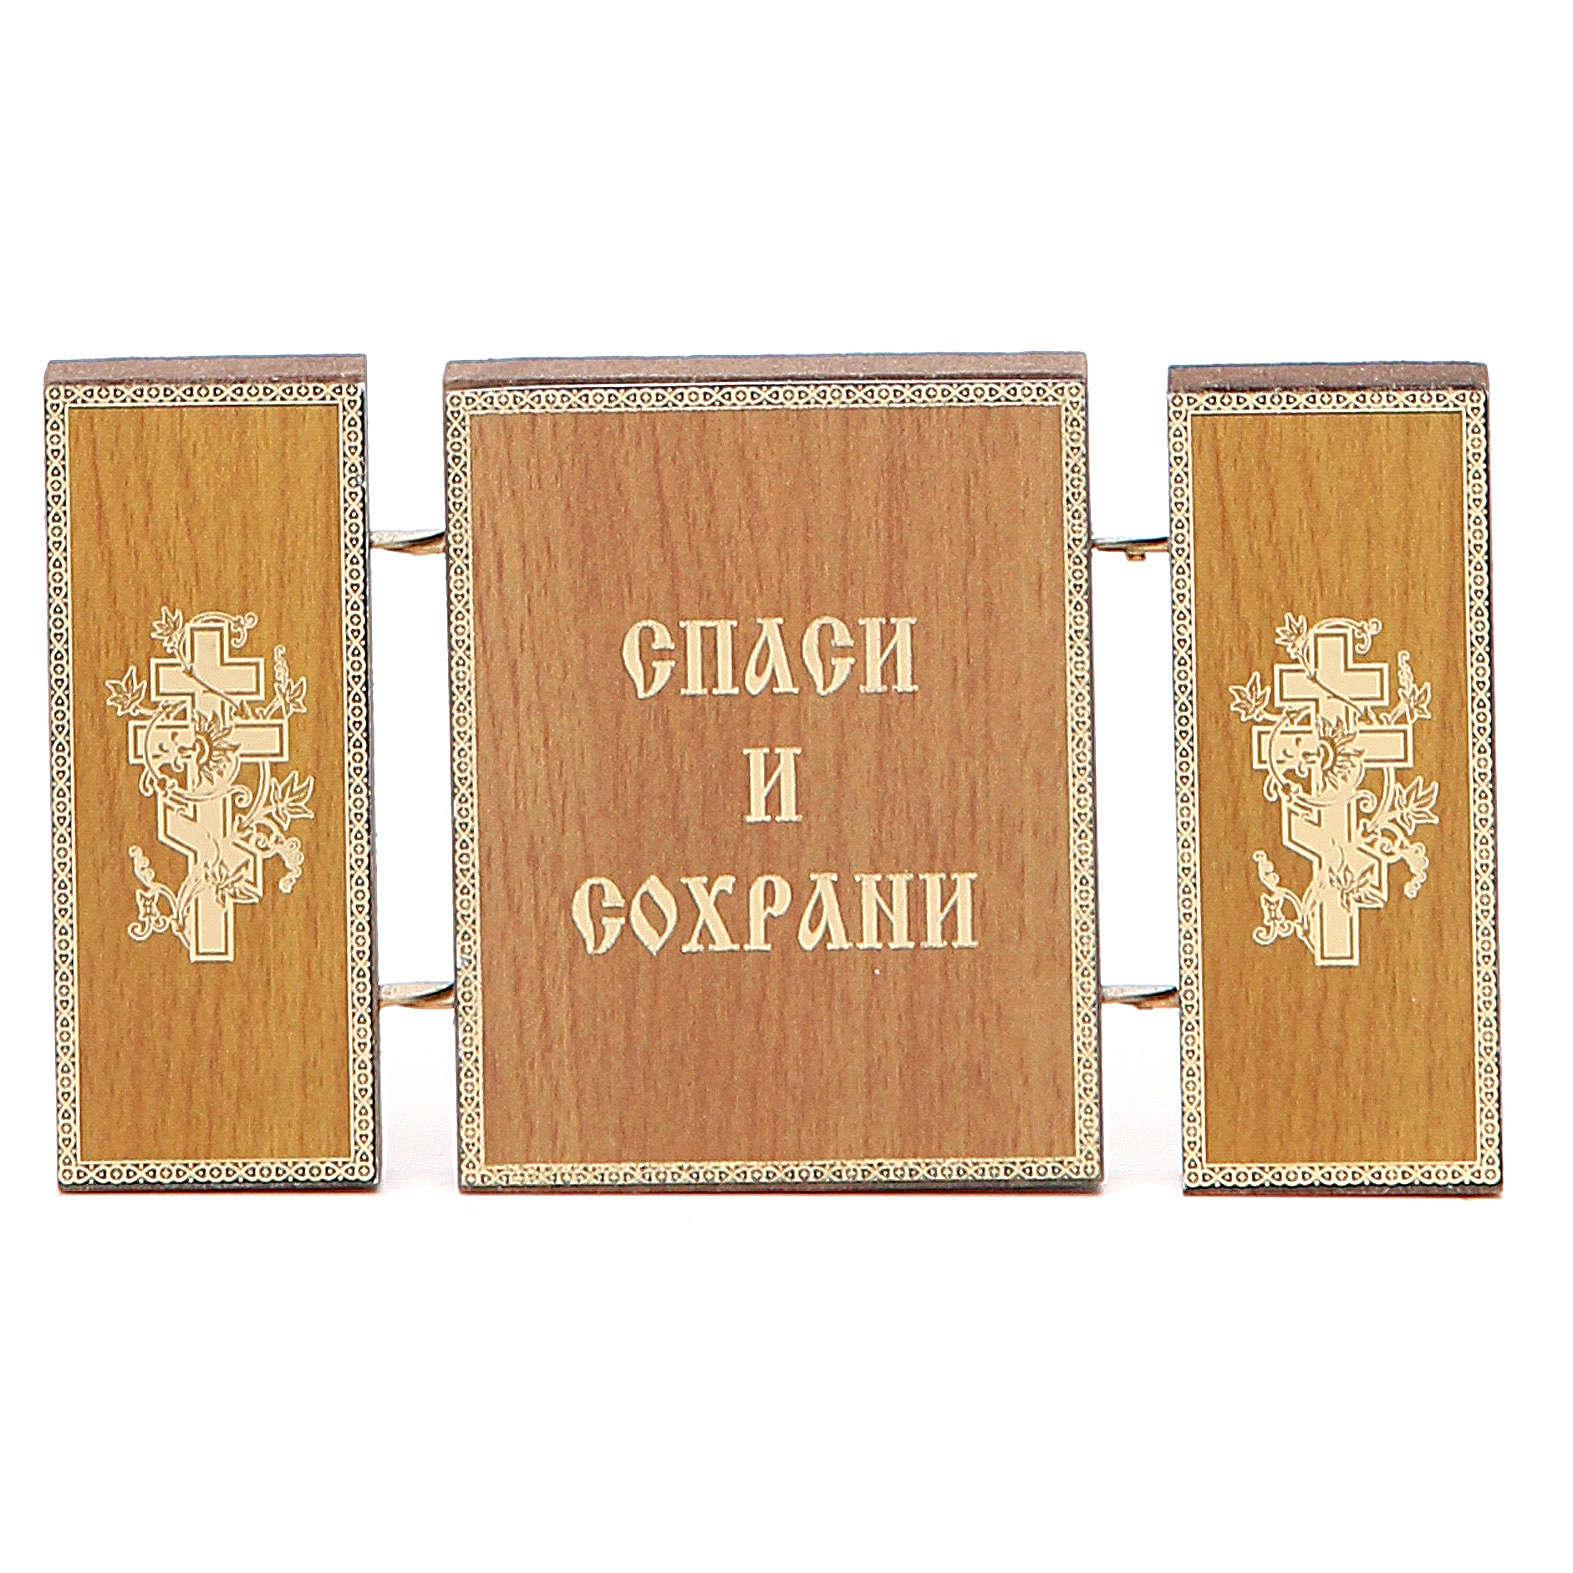 Trittico russo legno applicazione Giglio Bianco 9,5x5,5 3